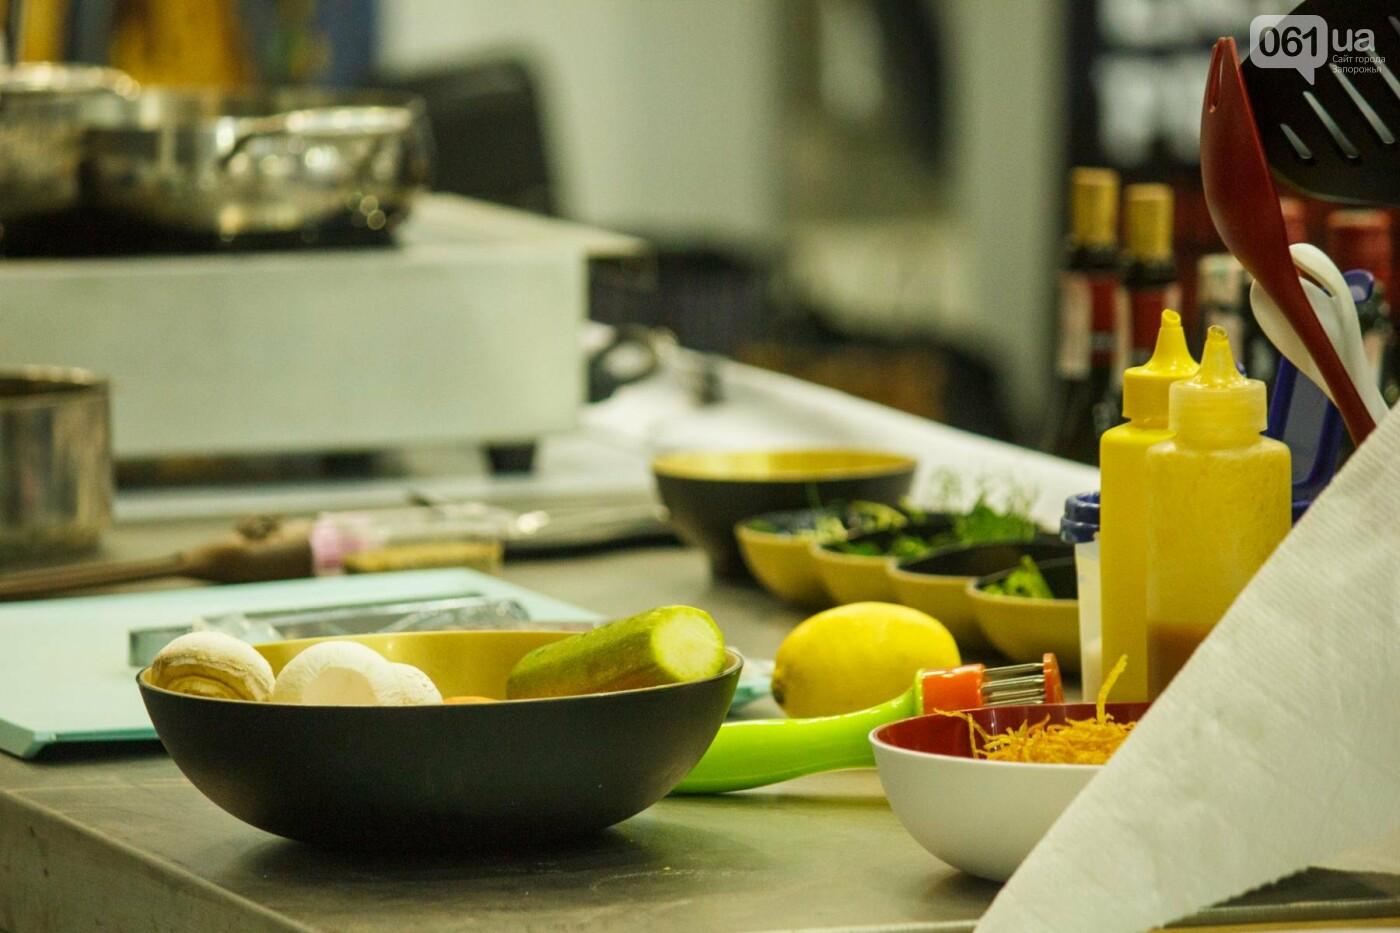 Шеф-повара запорожских ресторанов провели мастер-класс для горожан: как это было, - ФОТОРЕПОРТАЖ, фото-29